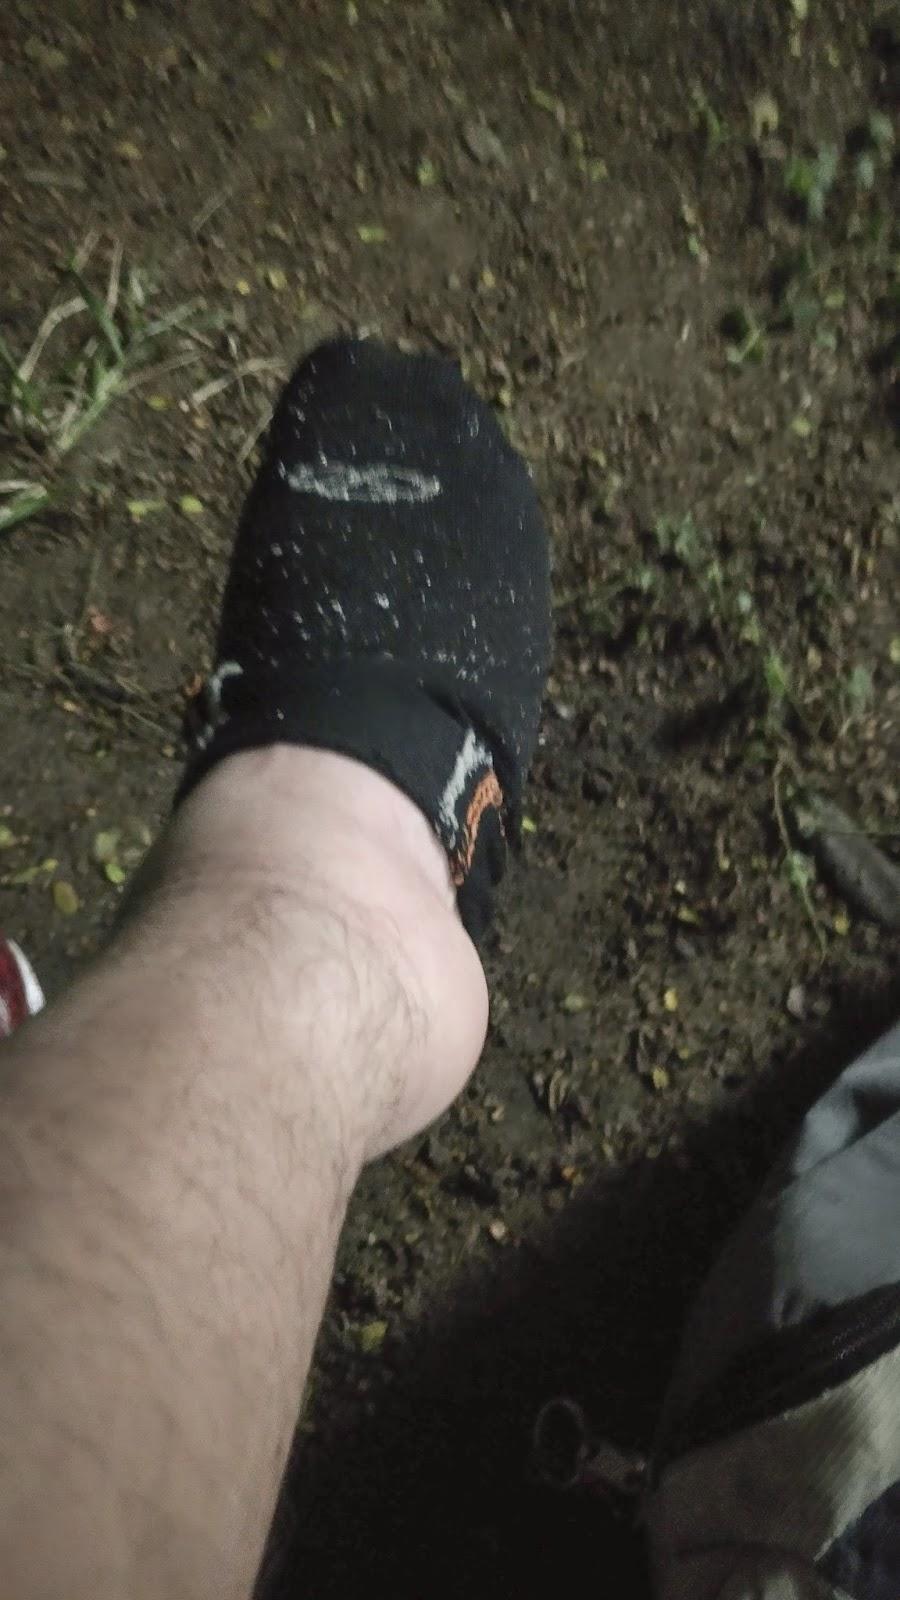 inchaço persistente no tornozelo e panturrilha após cirurgia no pé há quanto tempo